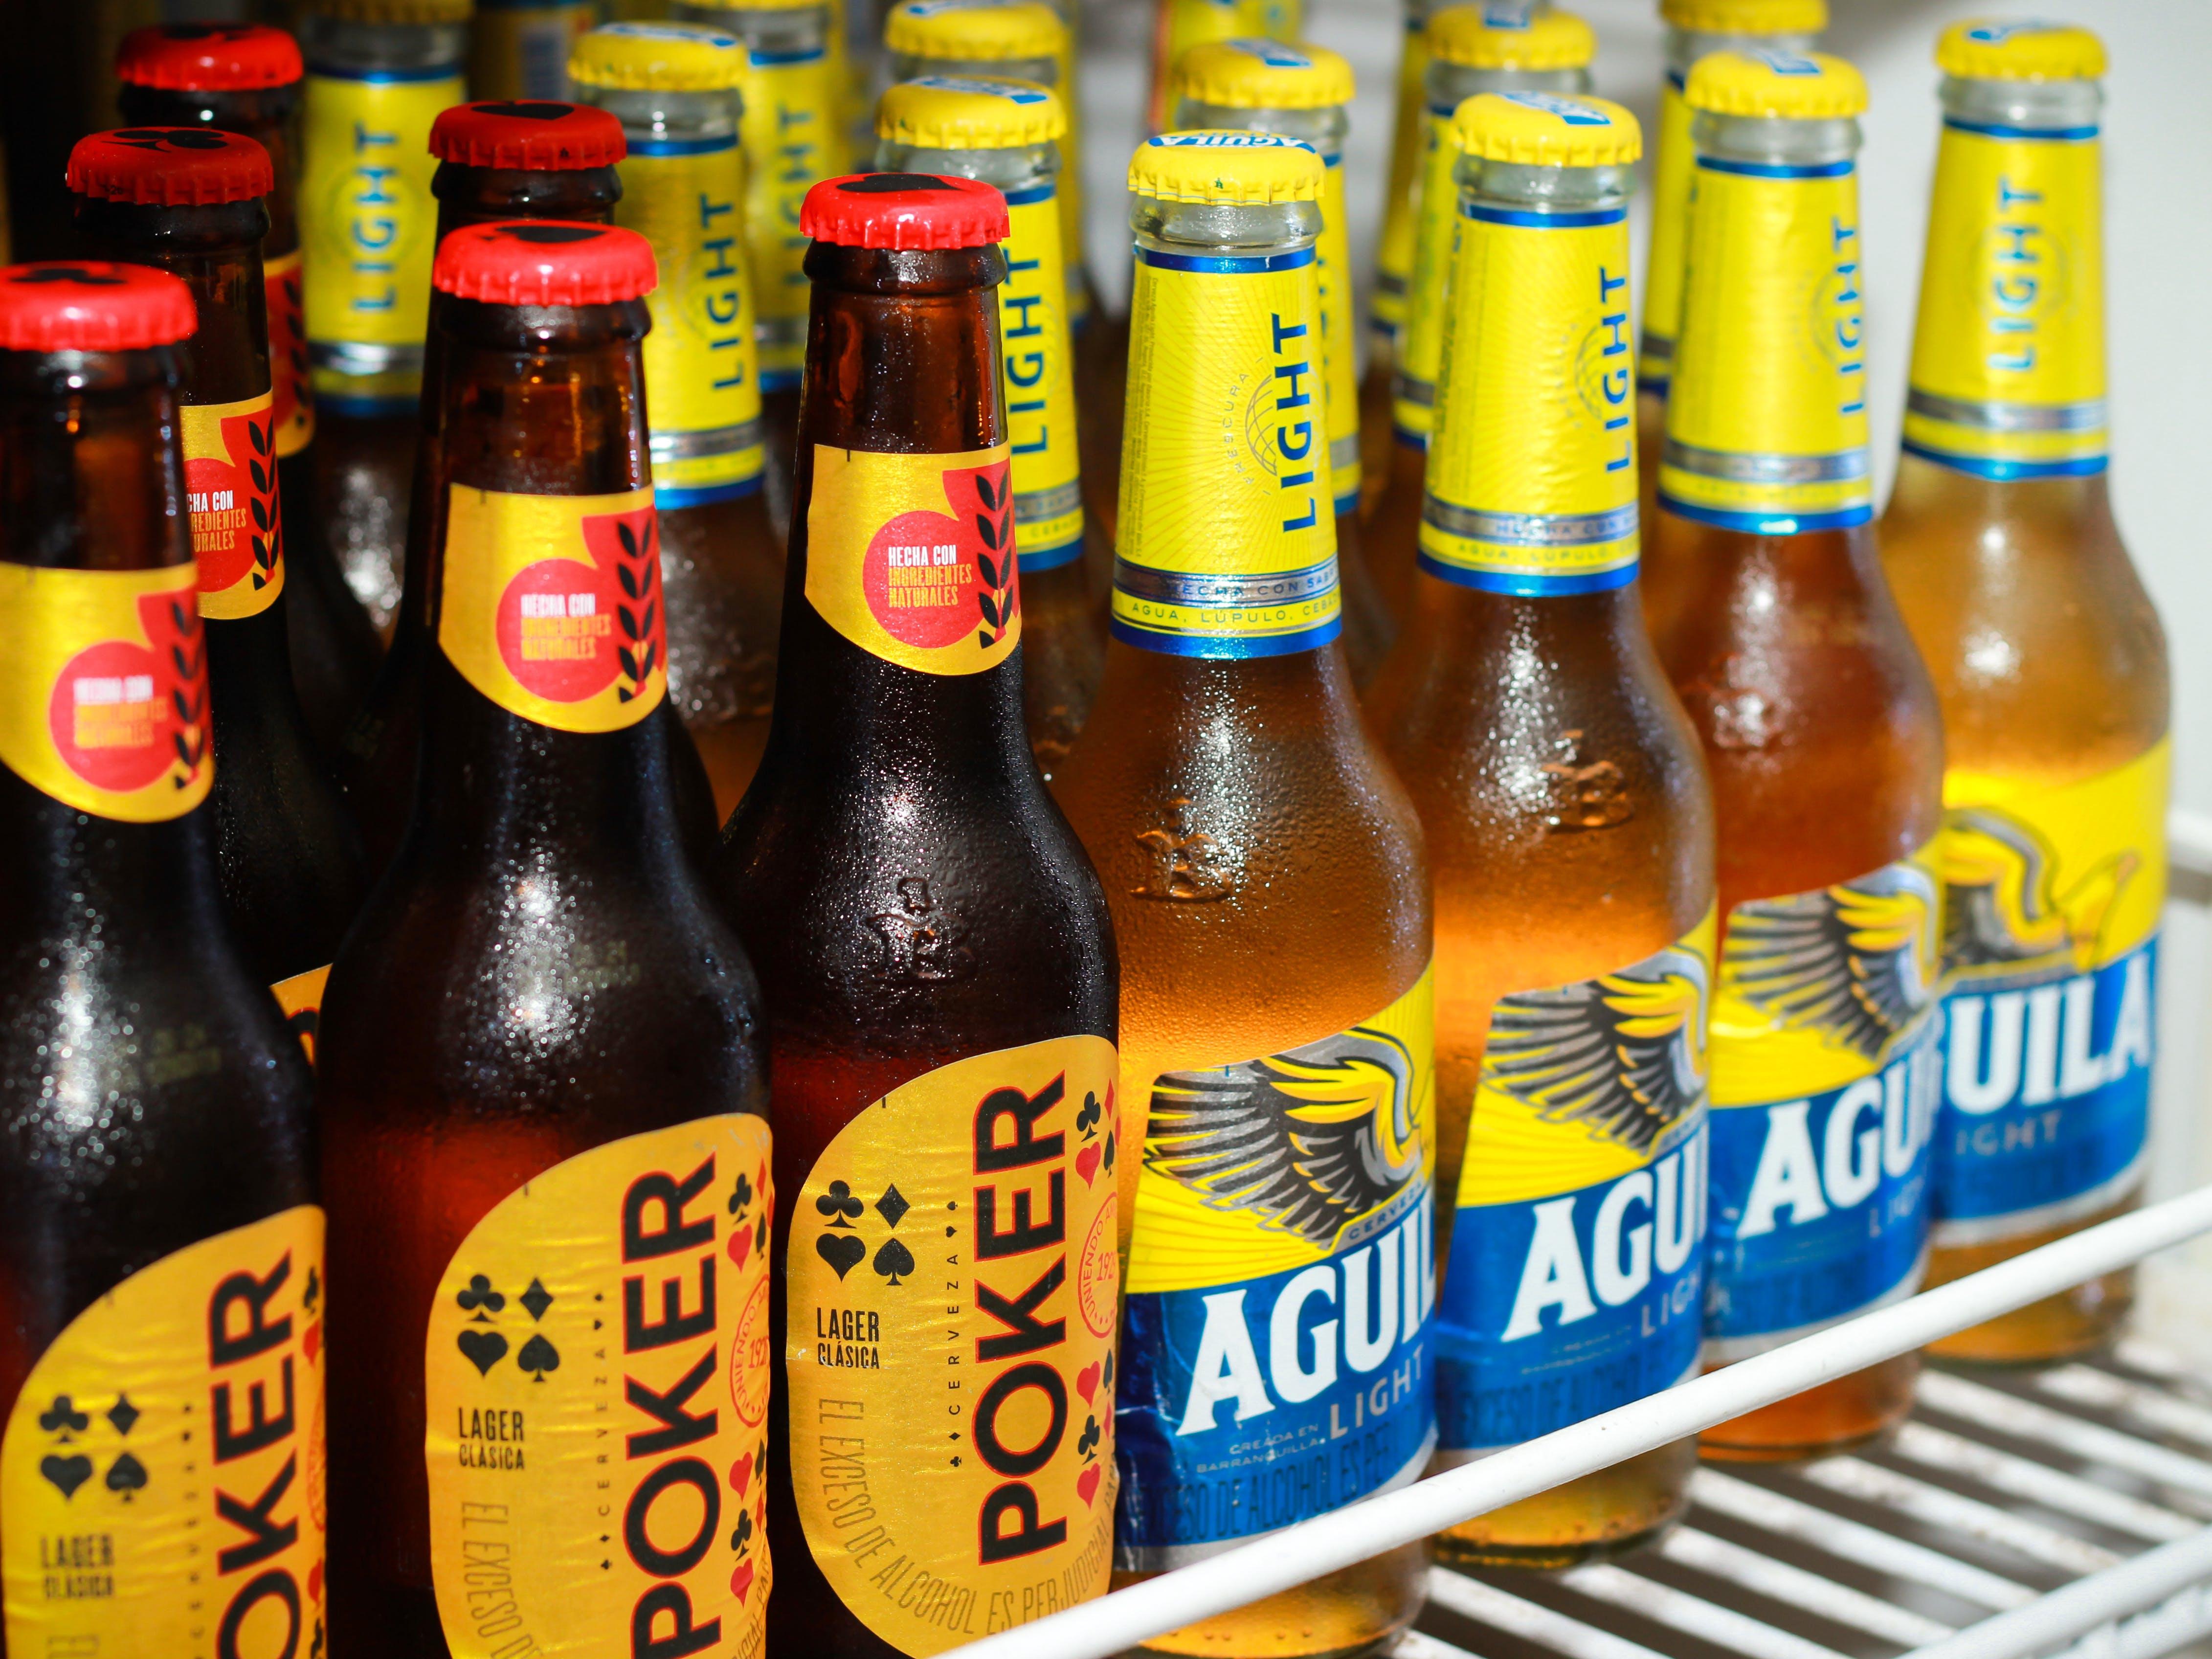 Cerveza Poker Y Aguila Por Calle Ocho Maclic Roldanillo